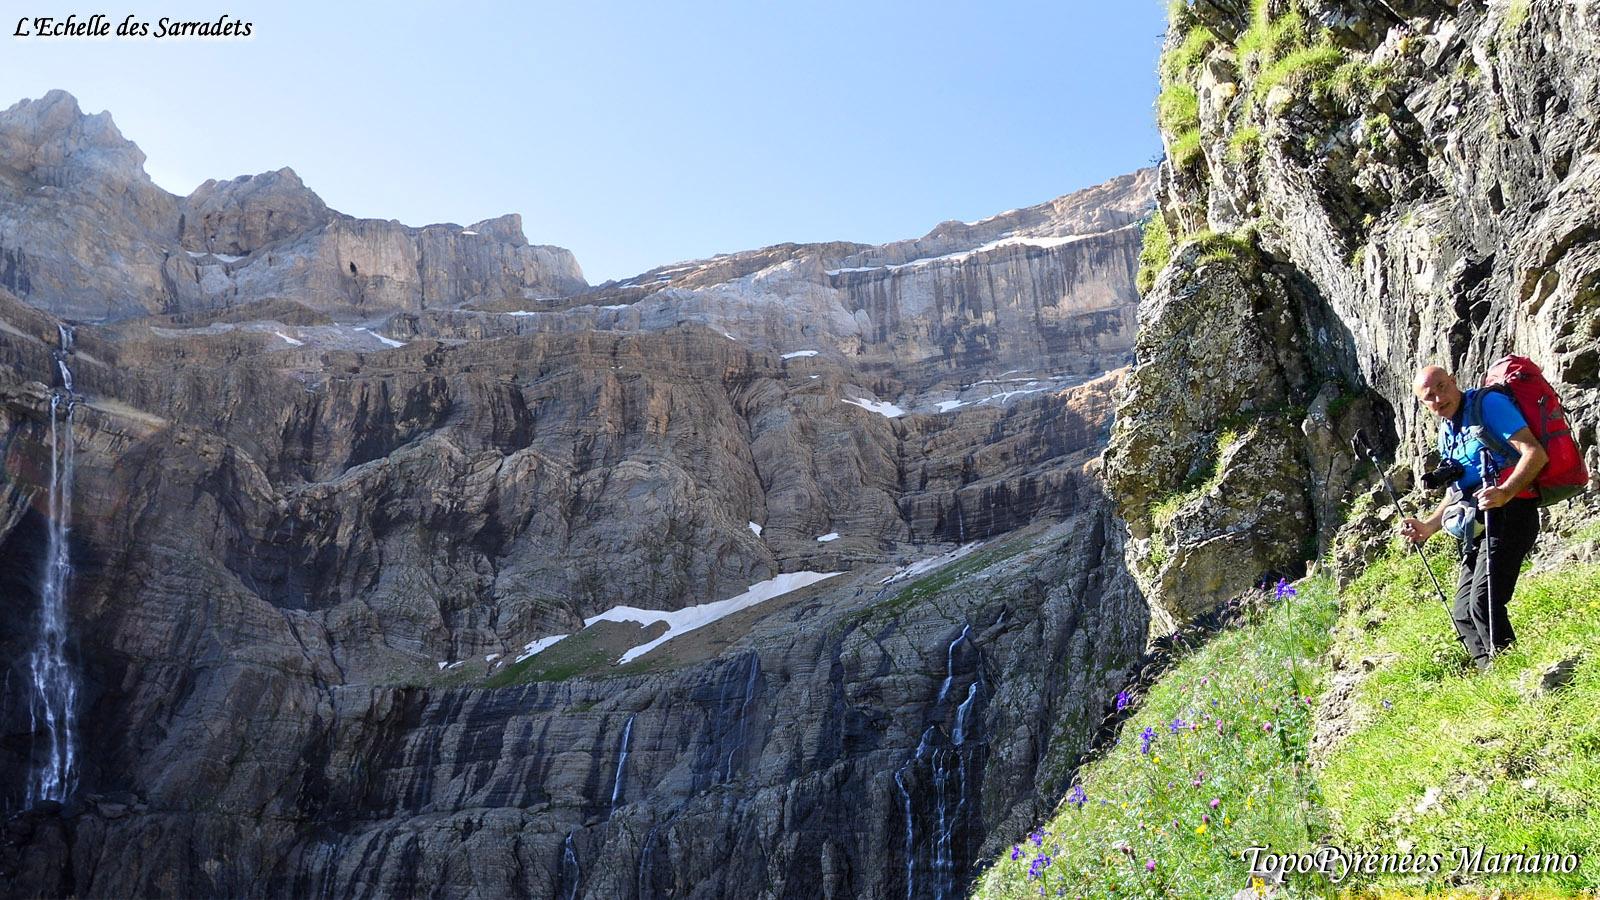 Randonnée Echelle des Sarradets (2589m)